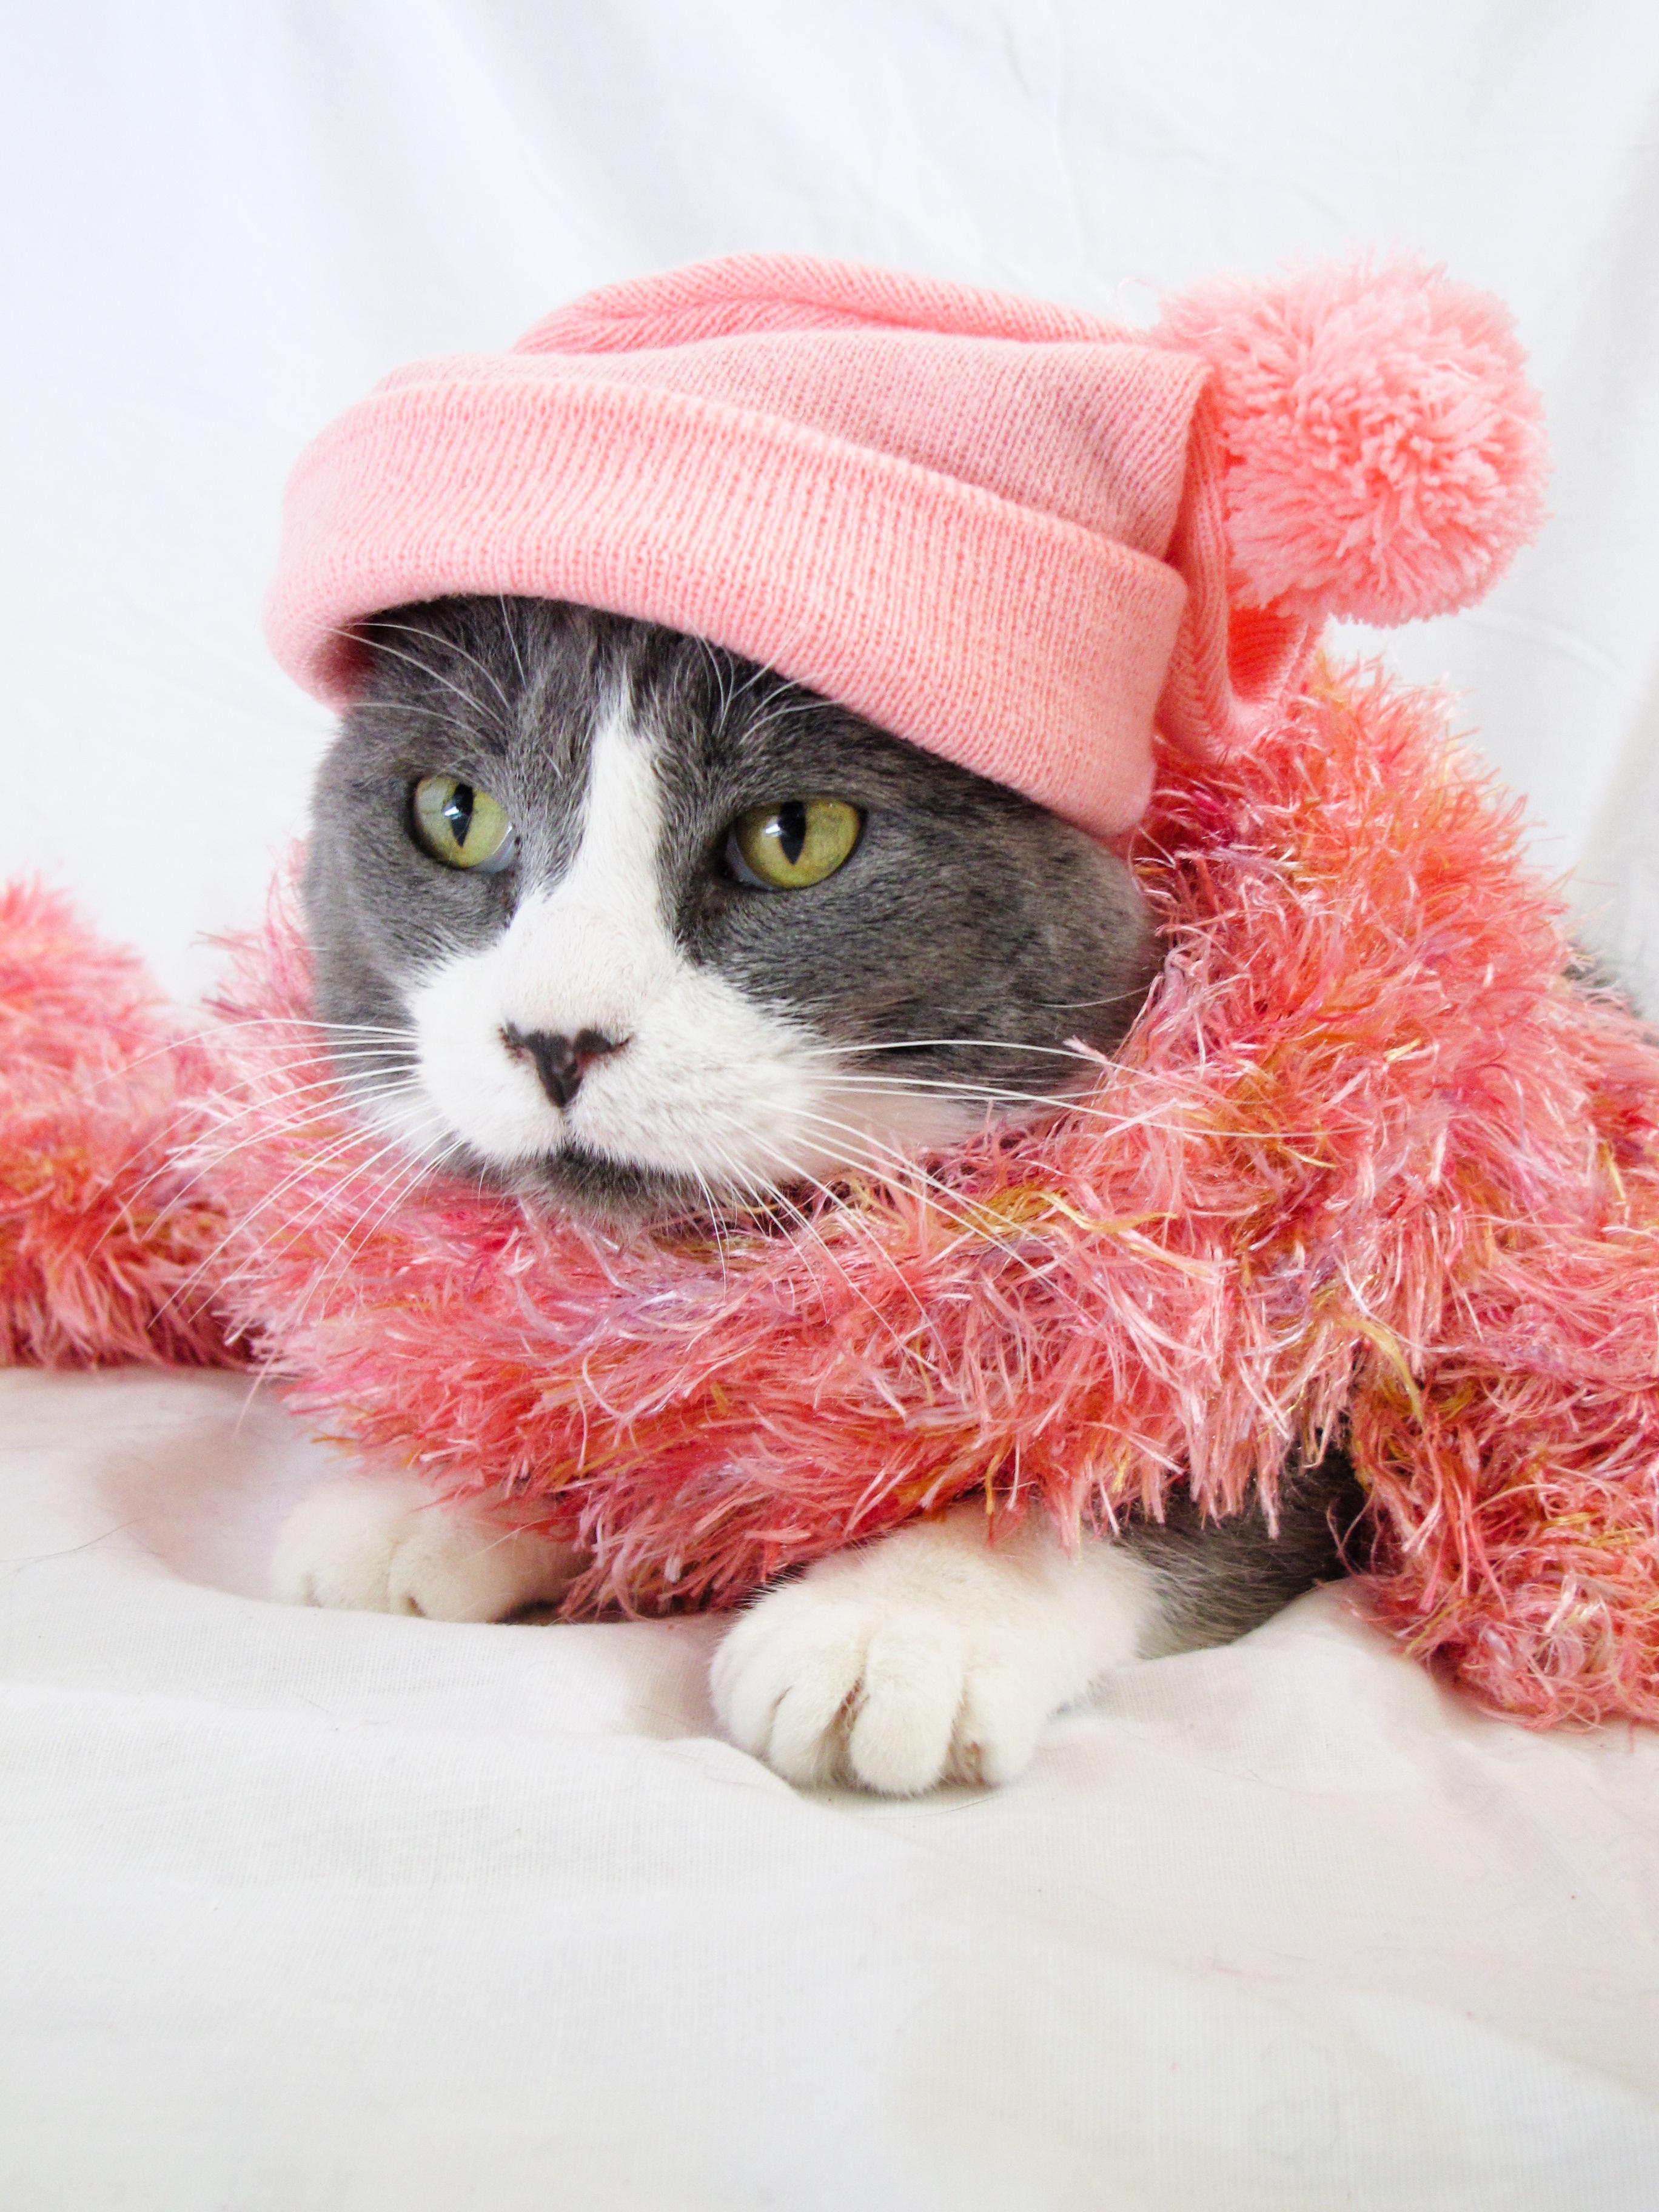 ... licik, binatang menyusui, kelabu, topi, berwarna merah muda, syal, lokal, menarik, boneka, kecil untuk kucing berukuran sedang, kucing seperti mamalia ...